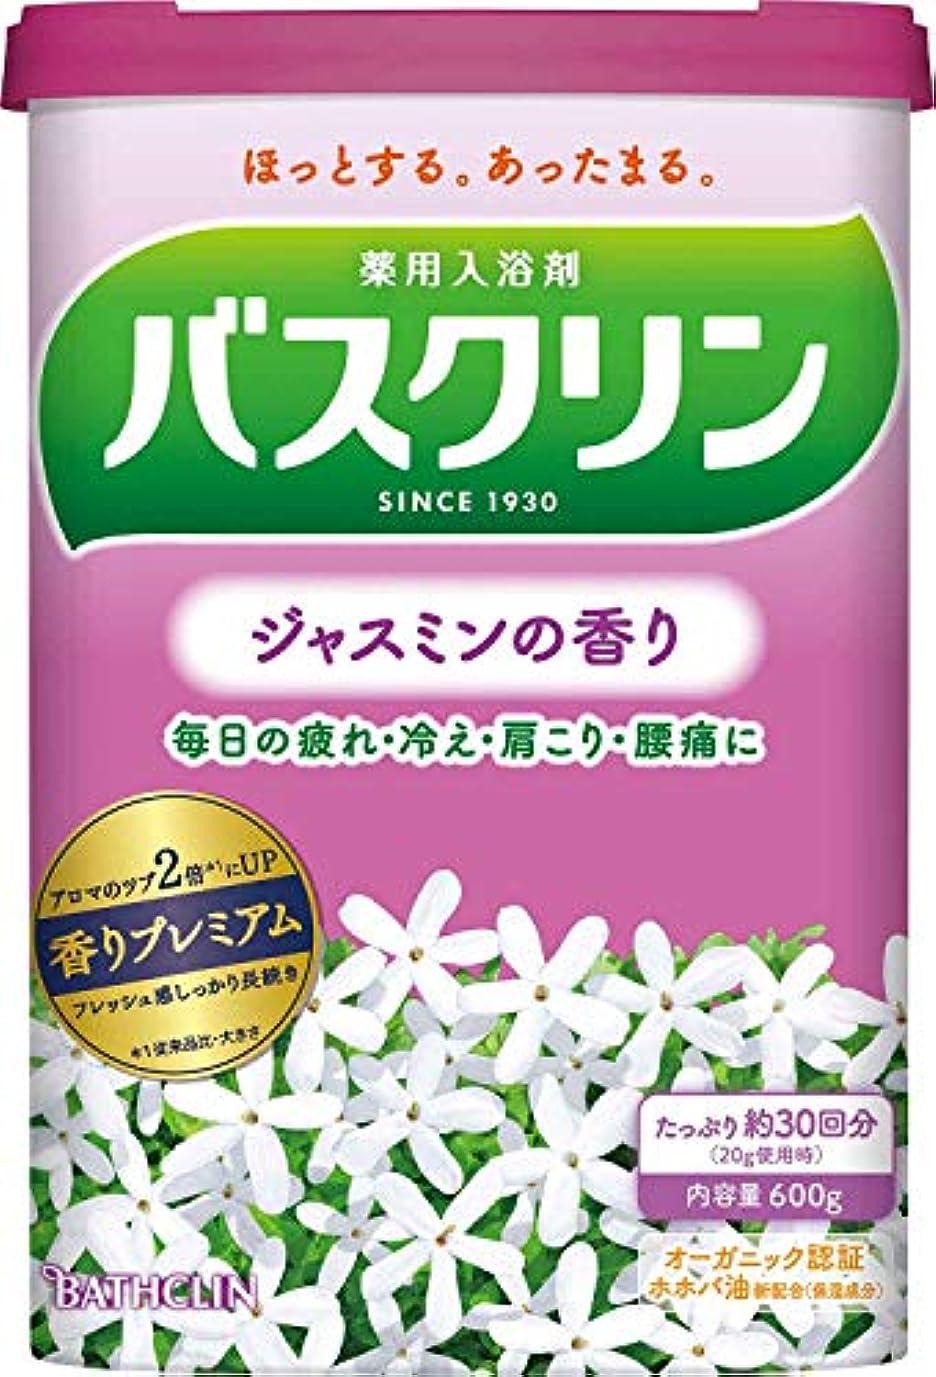 取り消す材料コショウ【医薬部外品】バスクリン入浴剤 ジャスミンの香り600g(約30回分) 疲労回復